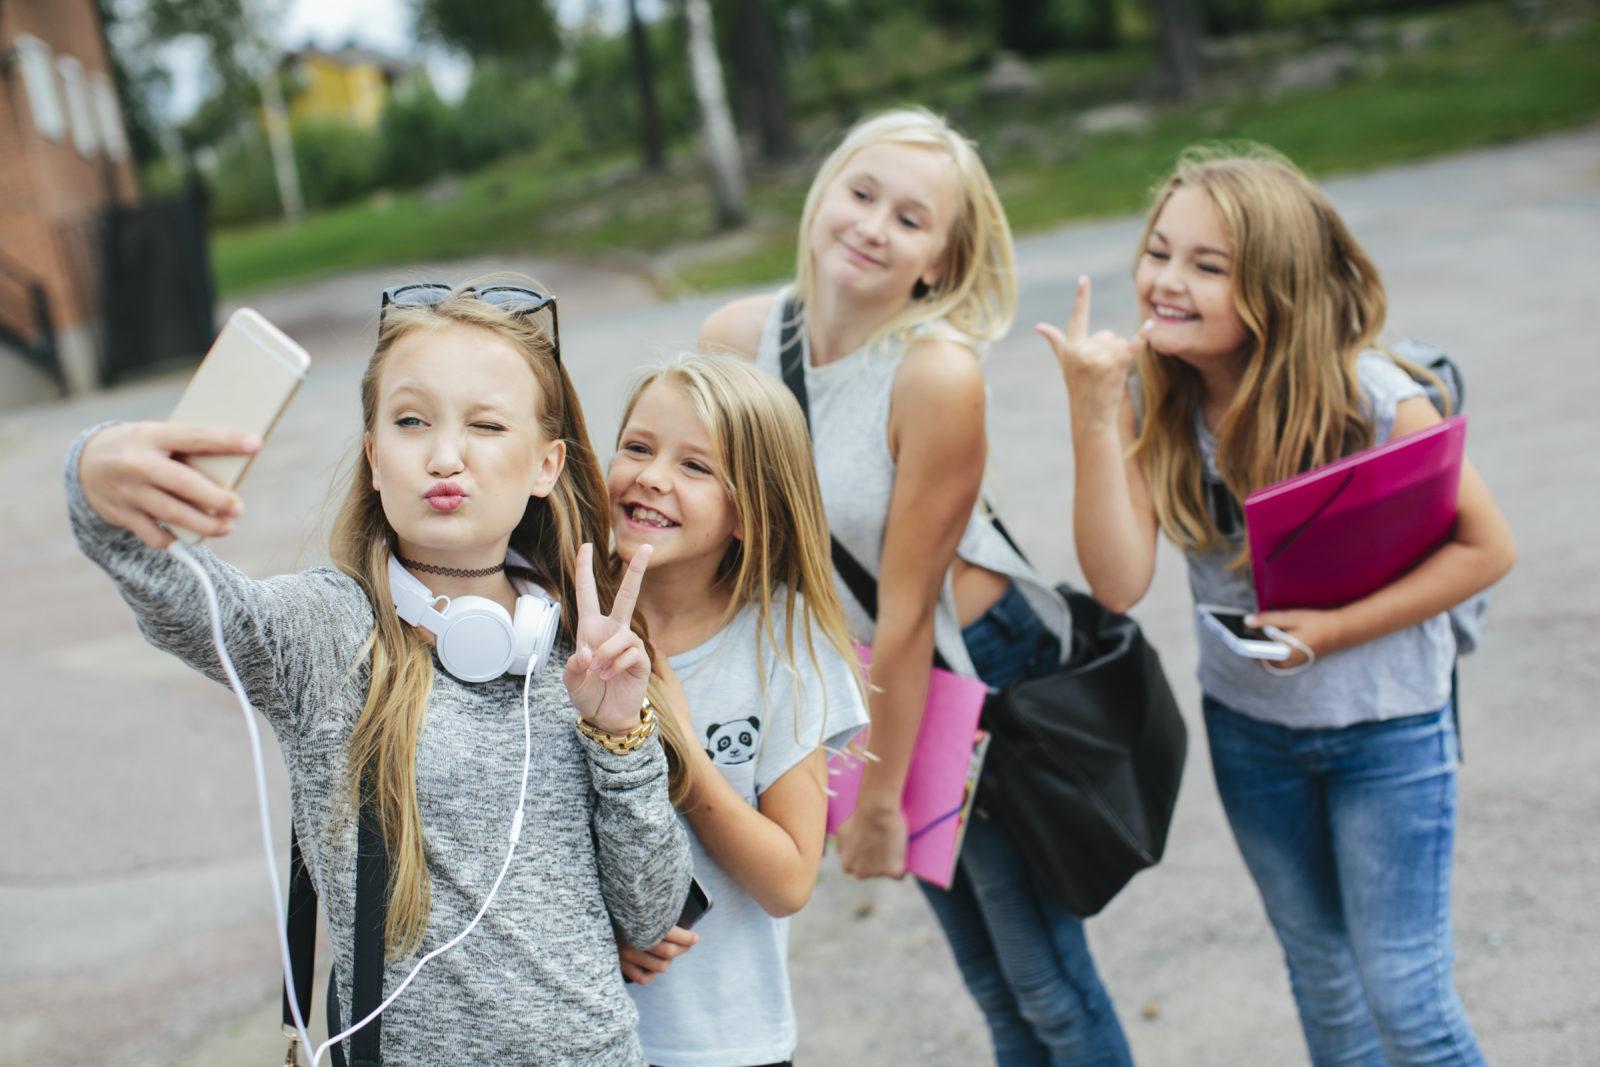 Teens erforschen sich gegenseitig